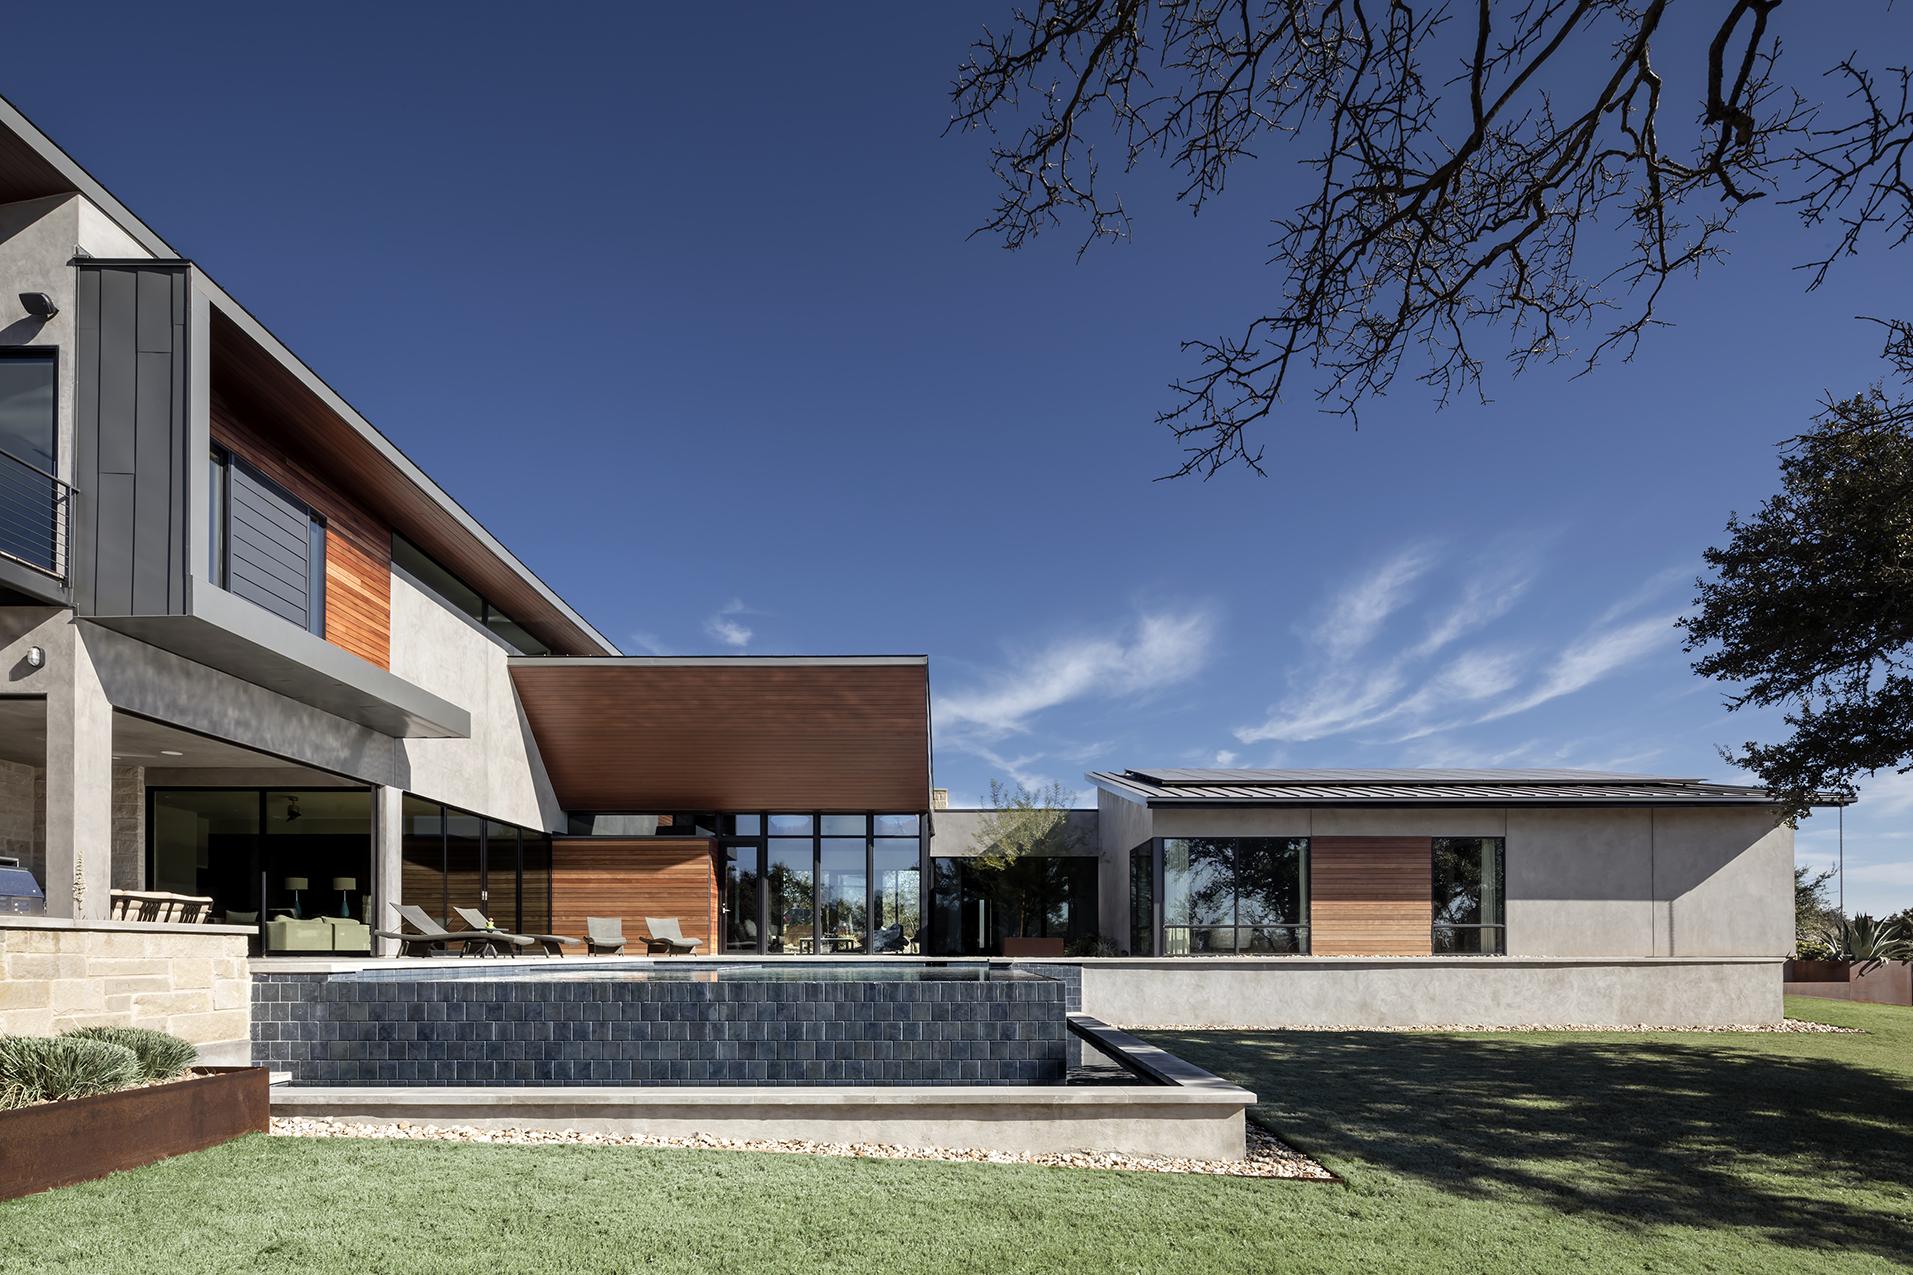 Matt Fajkus Architecture MF Control Shift House Charles Davis Smith 10.jpg